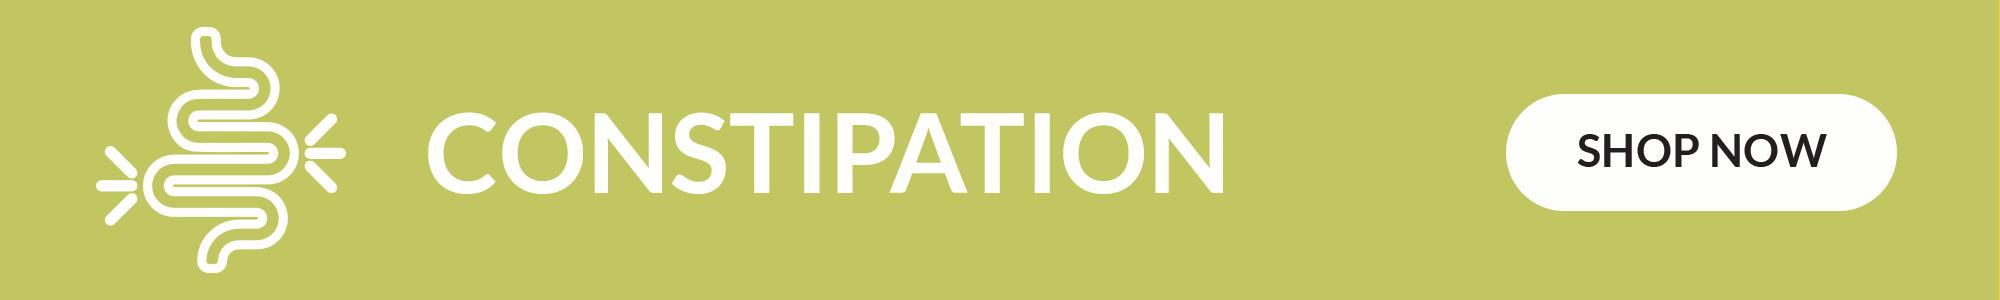 constipation-header.png